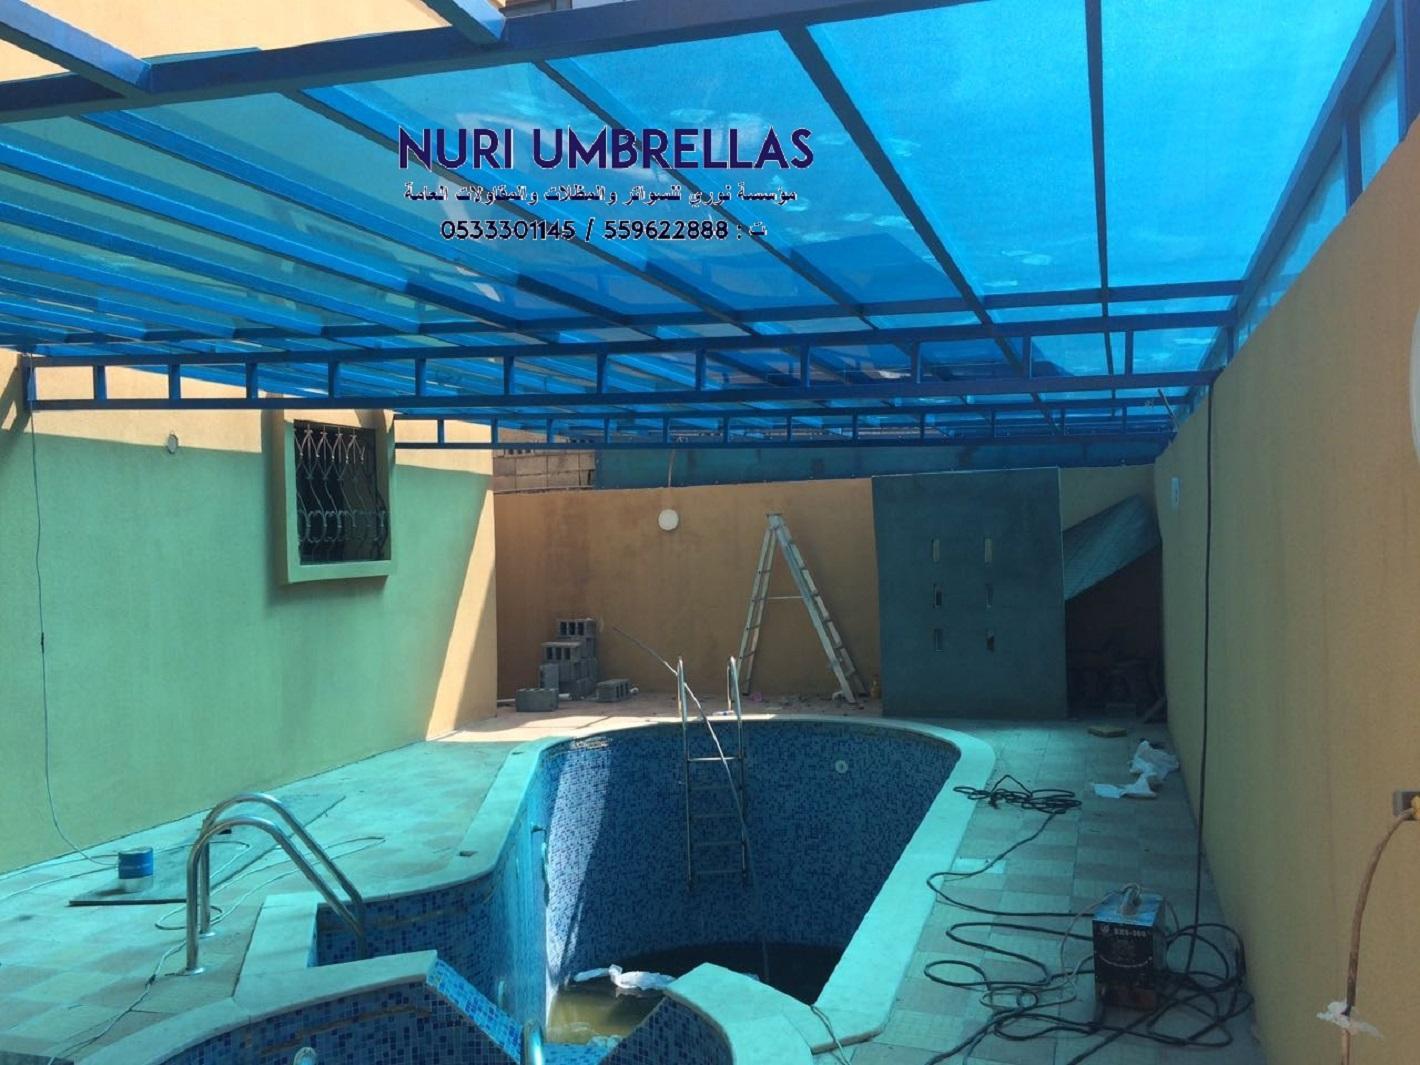 مؤسسة نوري للسواتر و المظلات و المقاولات العامة 0533301145 _ 0559622888 162341339